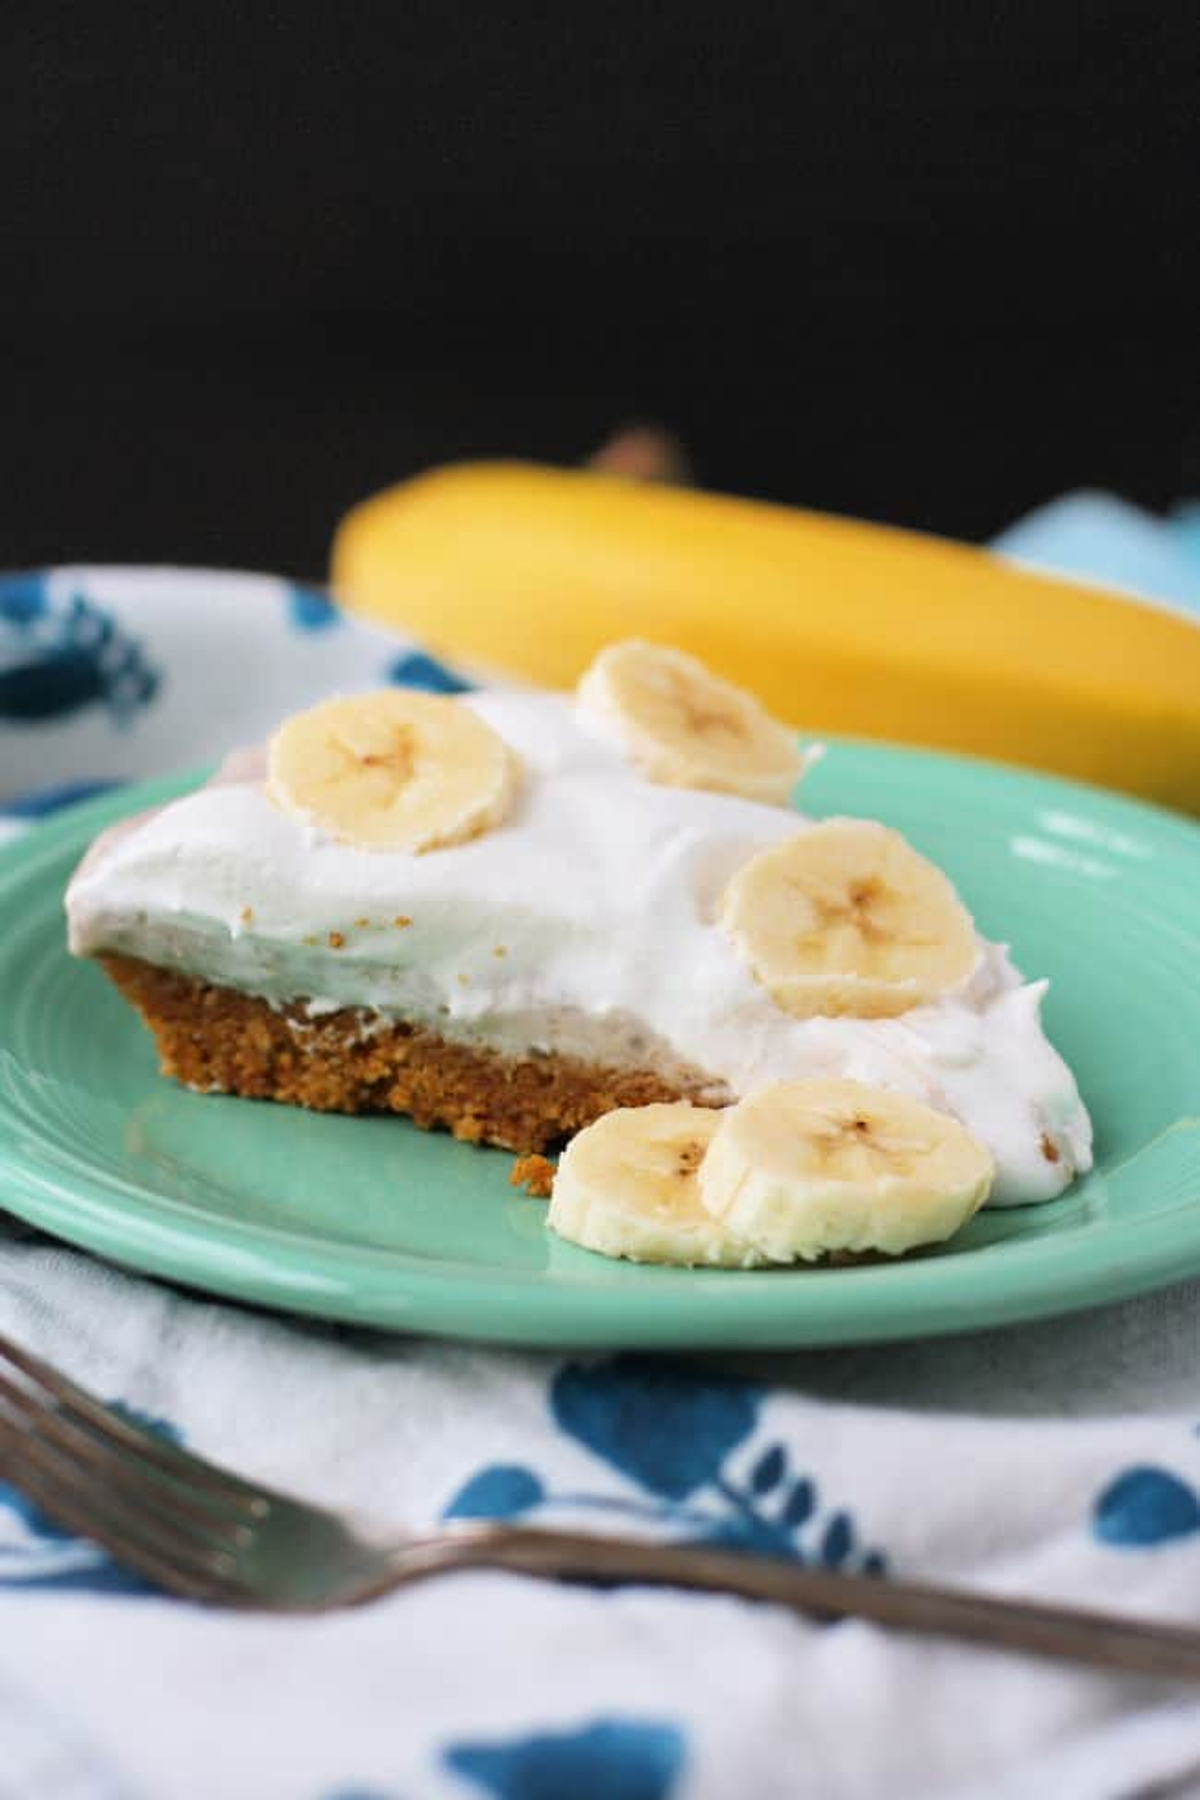 Rebanada de pastel de crema de plátano en una placa verde